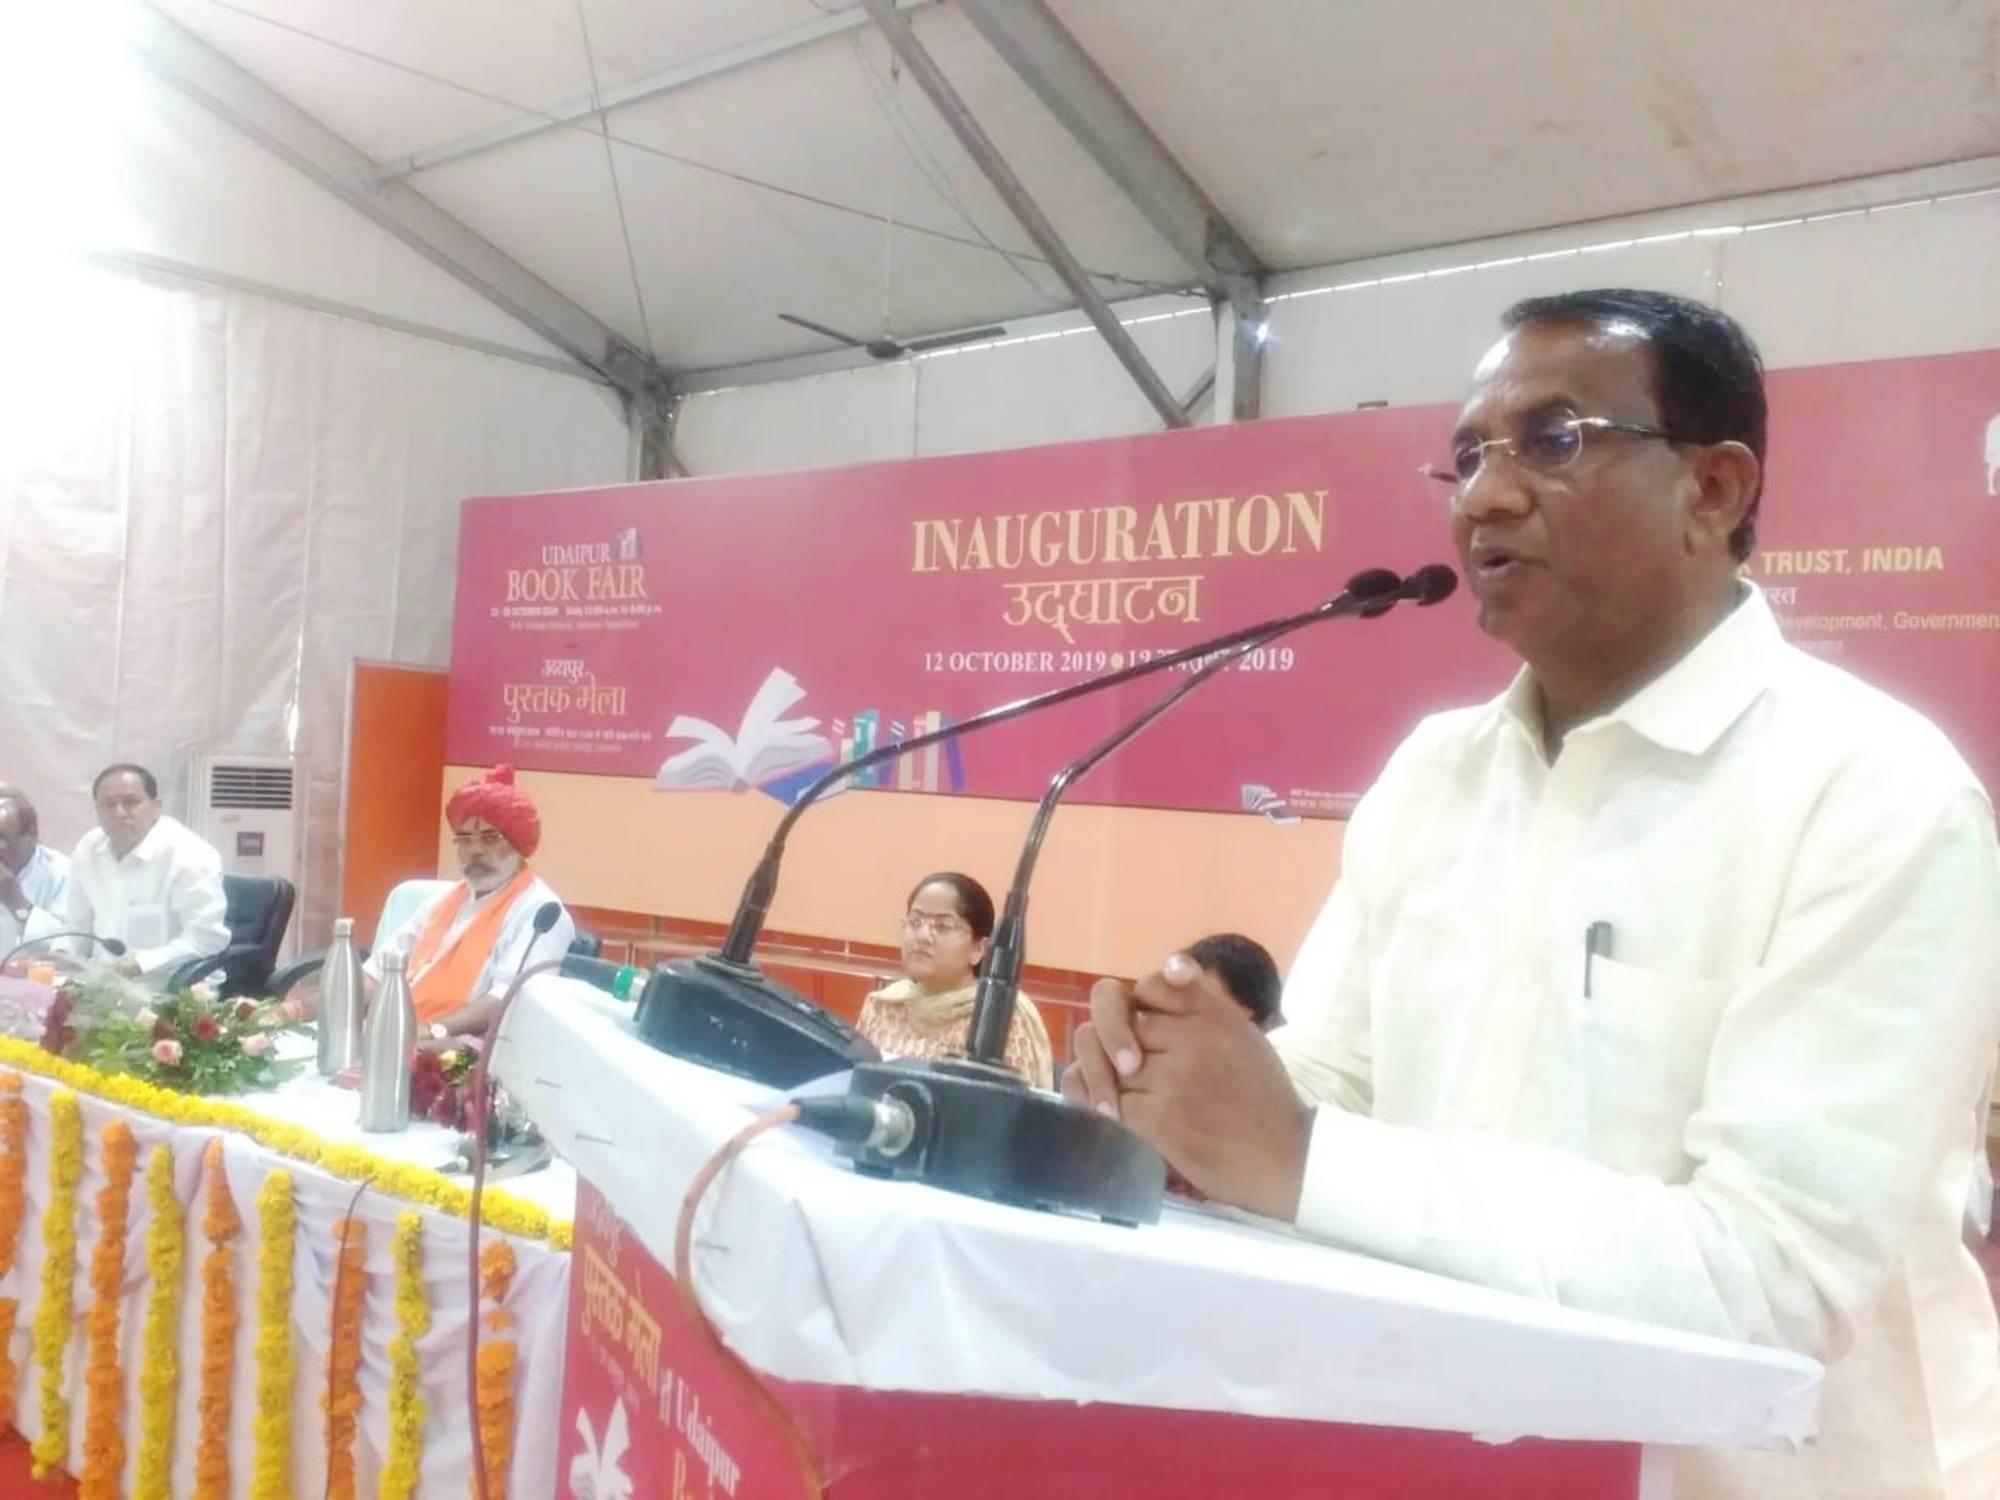 टीएडी राज्यमंत्री ने किया उदयपुर पुस्तक मेले का शुभारंभ